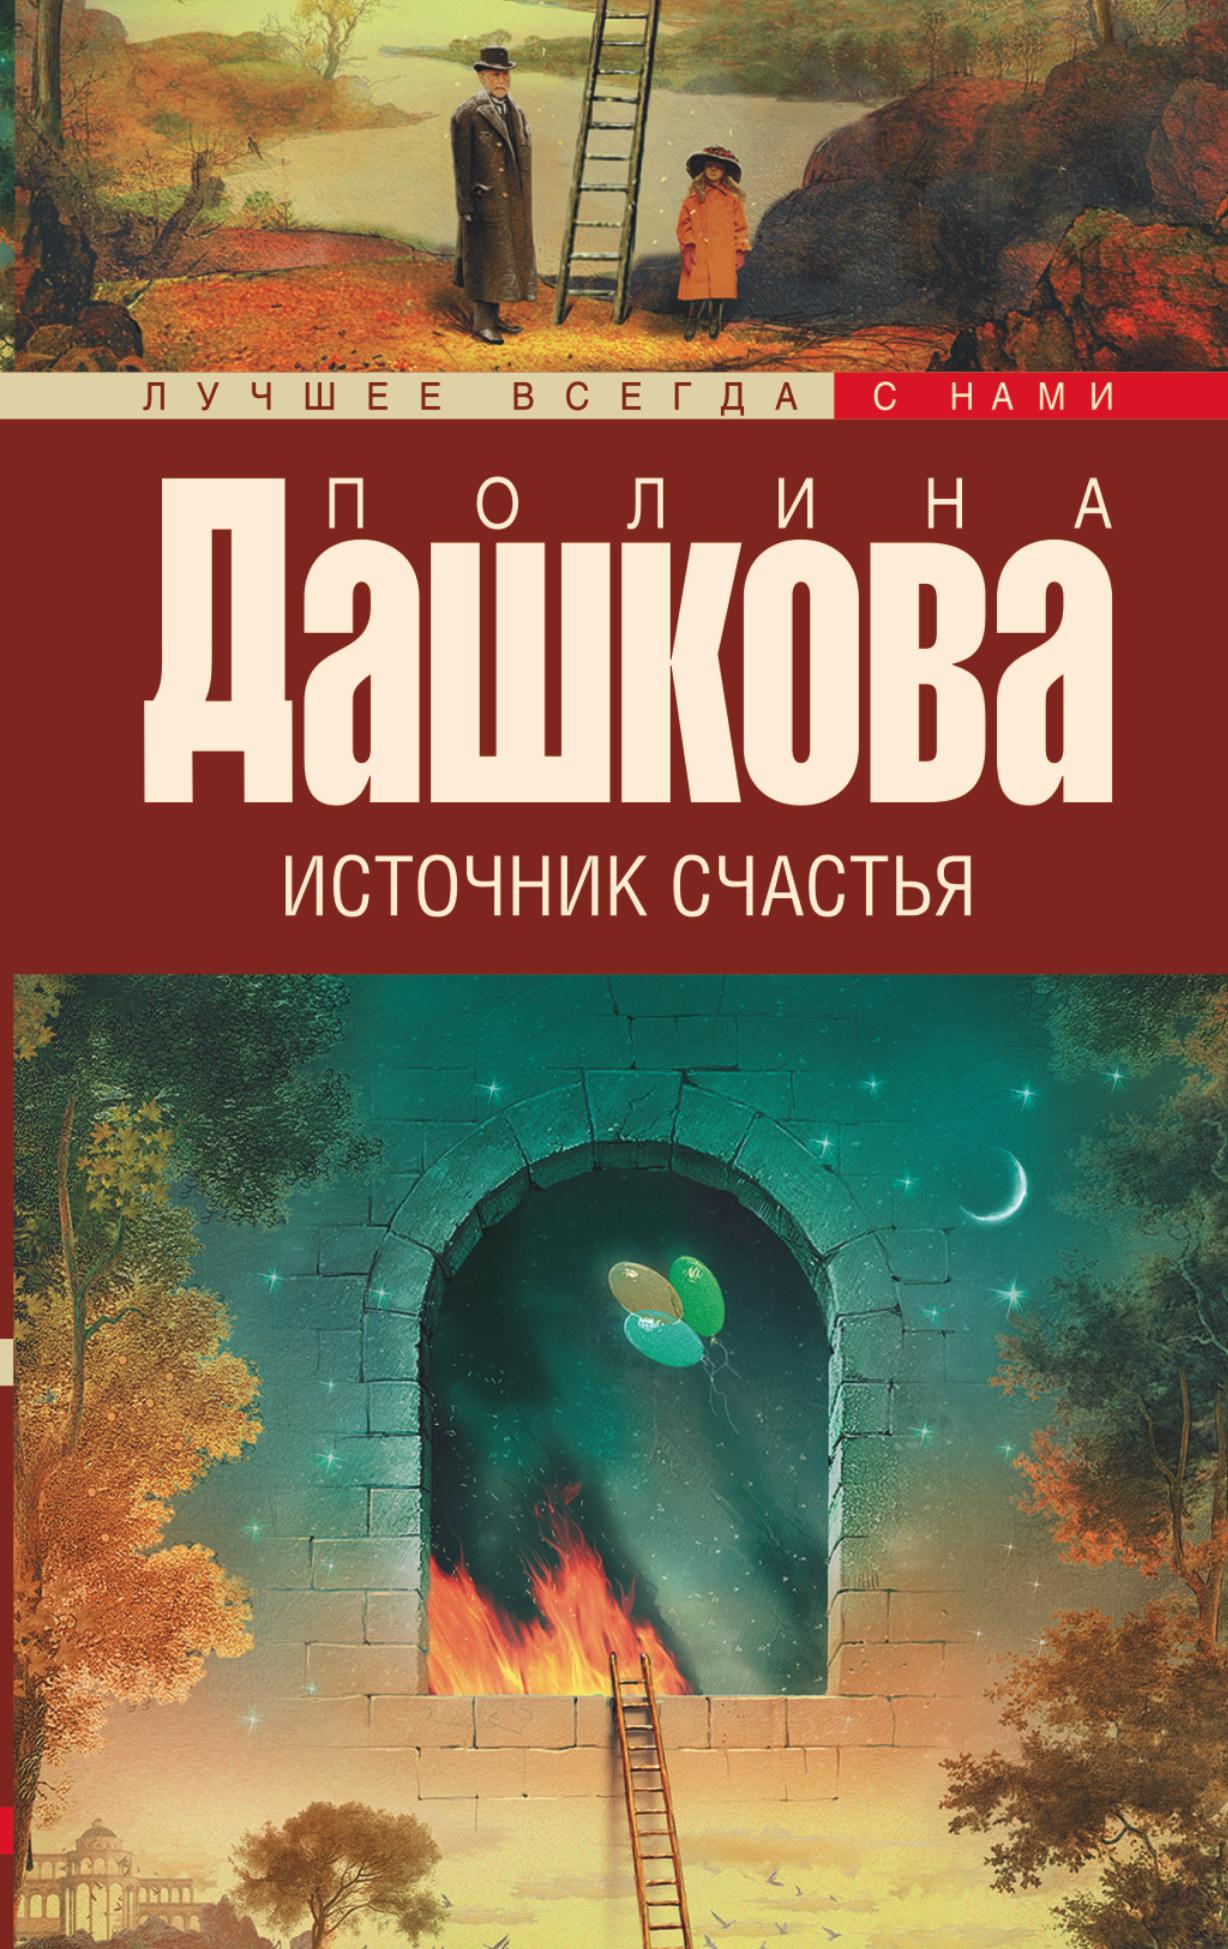 Дашкова П.В. Источник счастья. Кн. 1 купить бензокосилку хускварна lc153 в москве